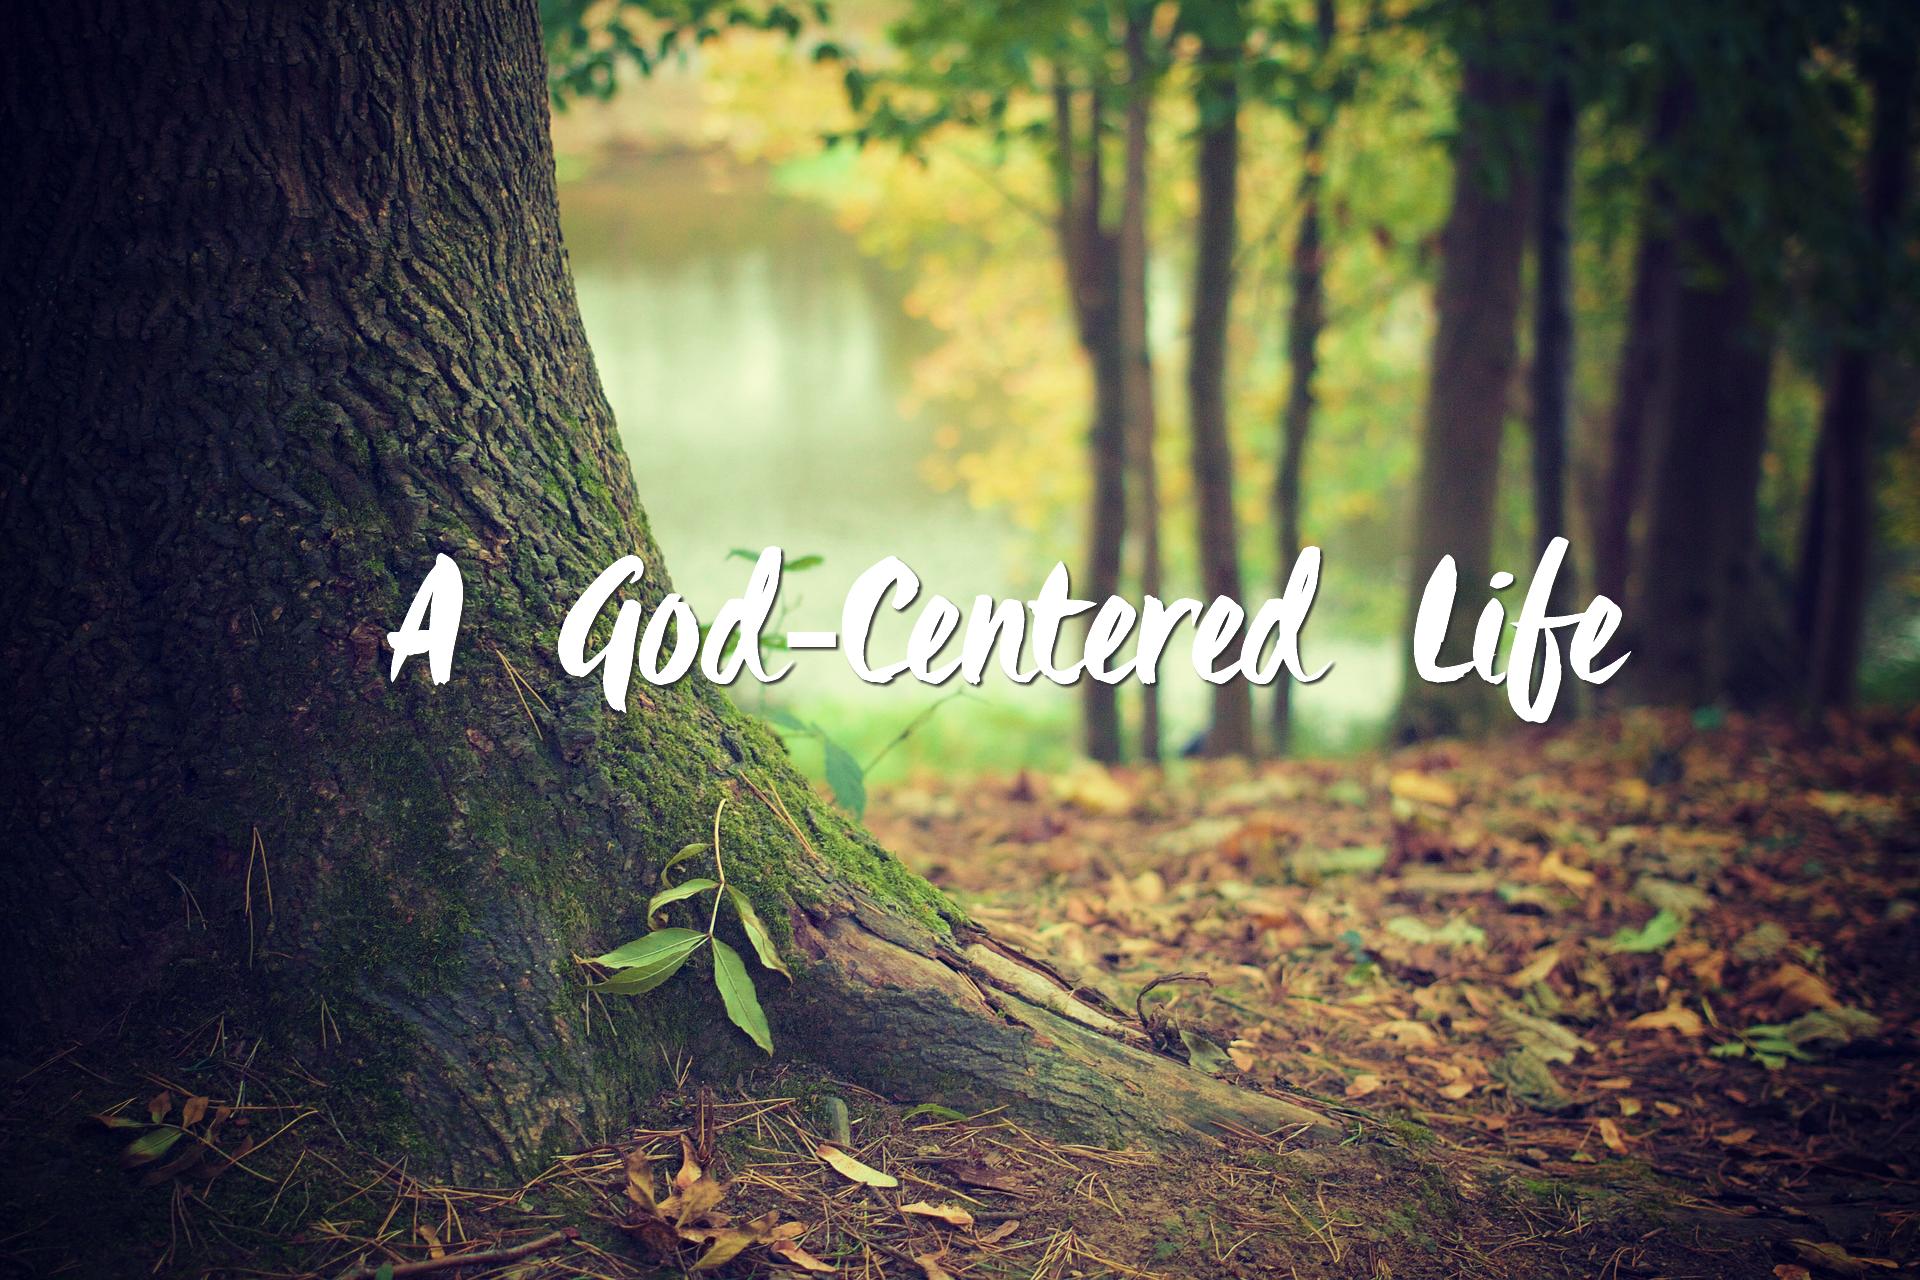 God-Centered